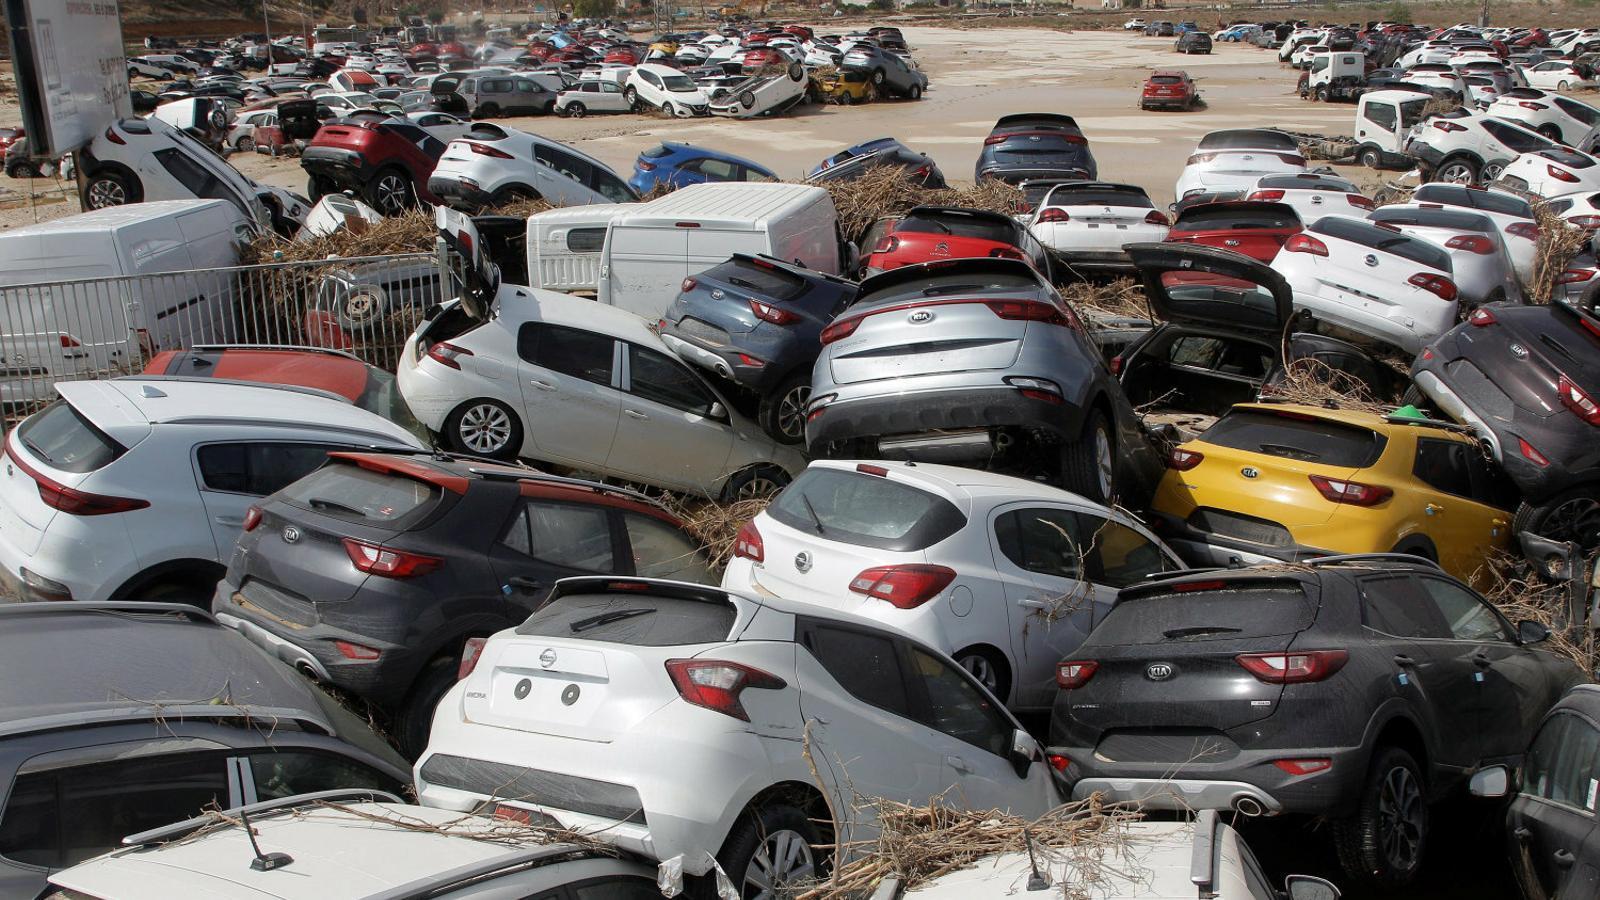 Centenars de cotxes van ser enduts per la crescuda d'aigua que va provocar el desbordament del riu Segura després del pas de la gota freda per Oriola.